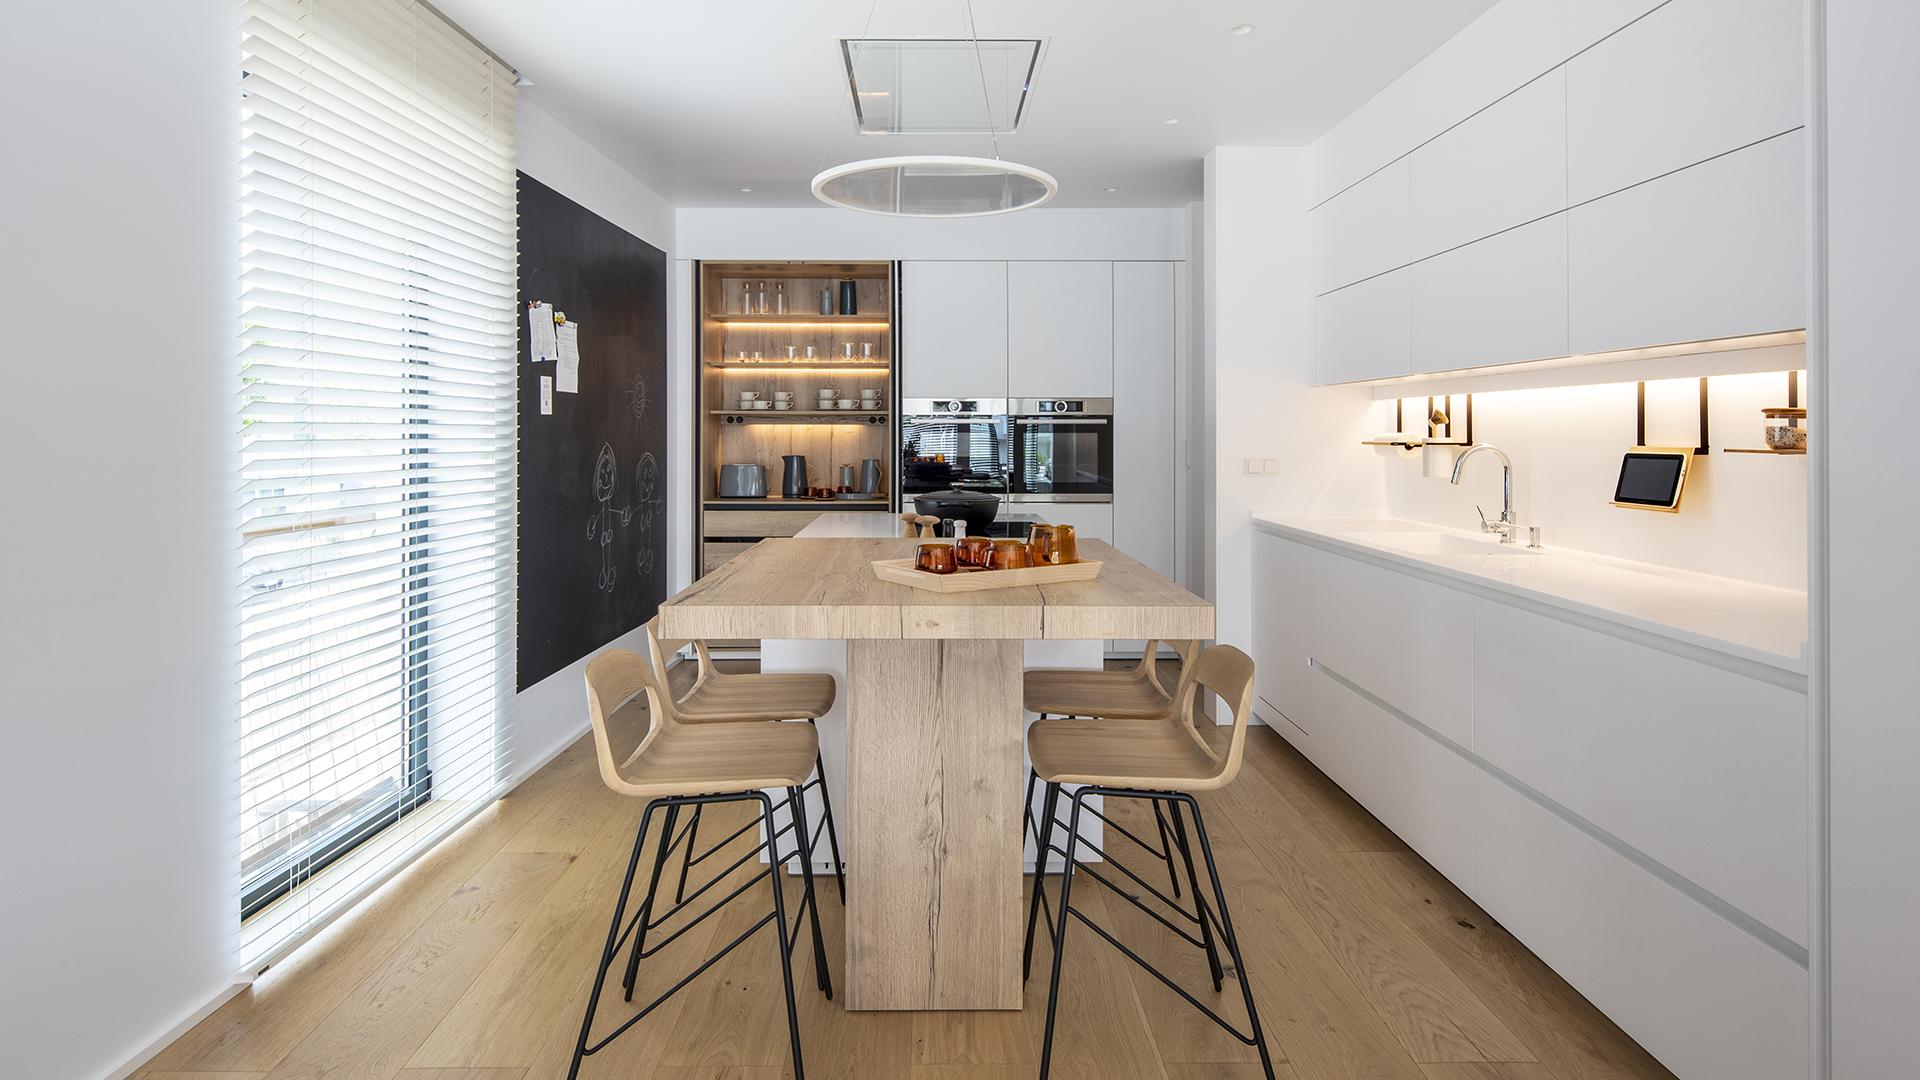 Cocina Abierta Blanca con Isla. Santiago Interiores